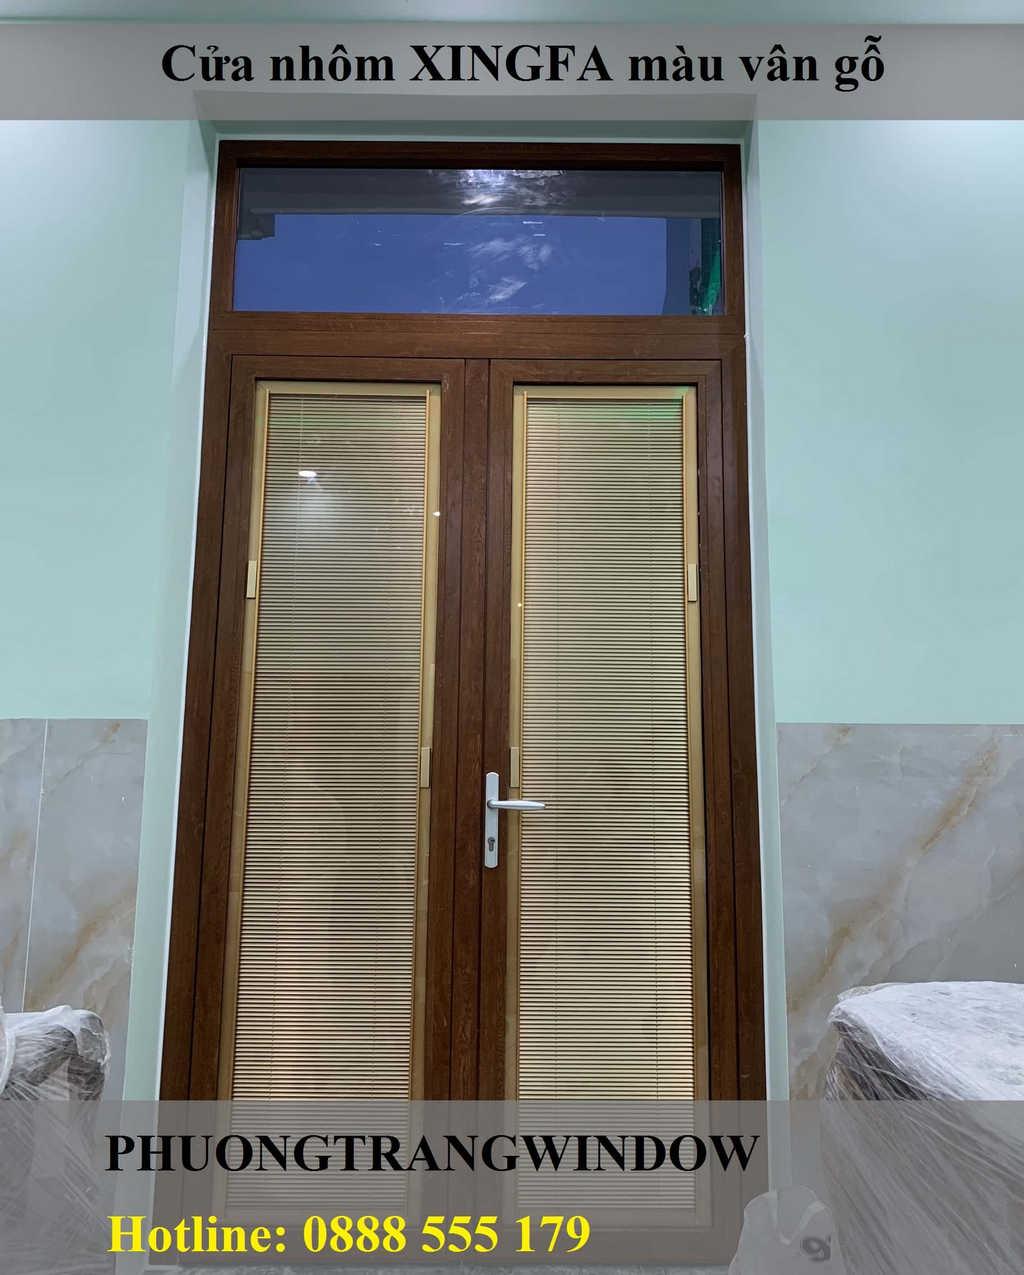 Mẫu cửa nhôm XINGFA vân gỗ tại Tphcm